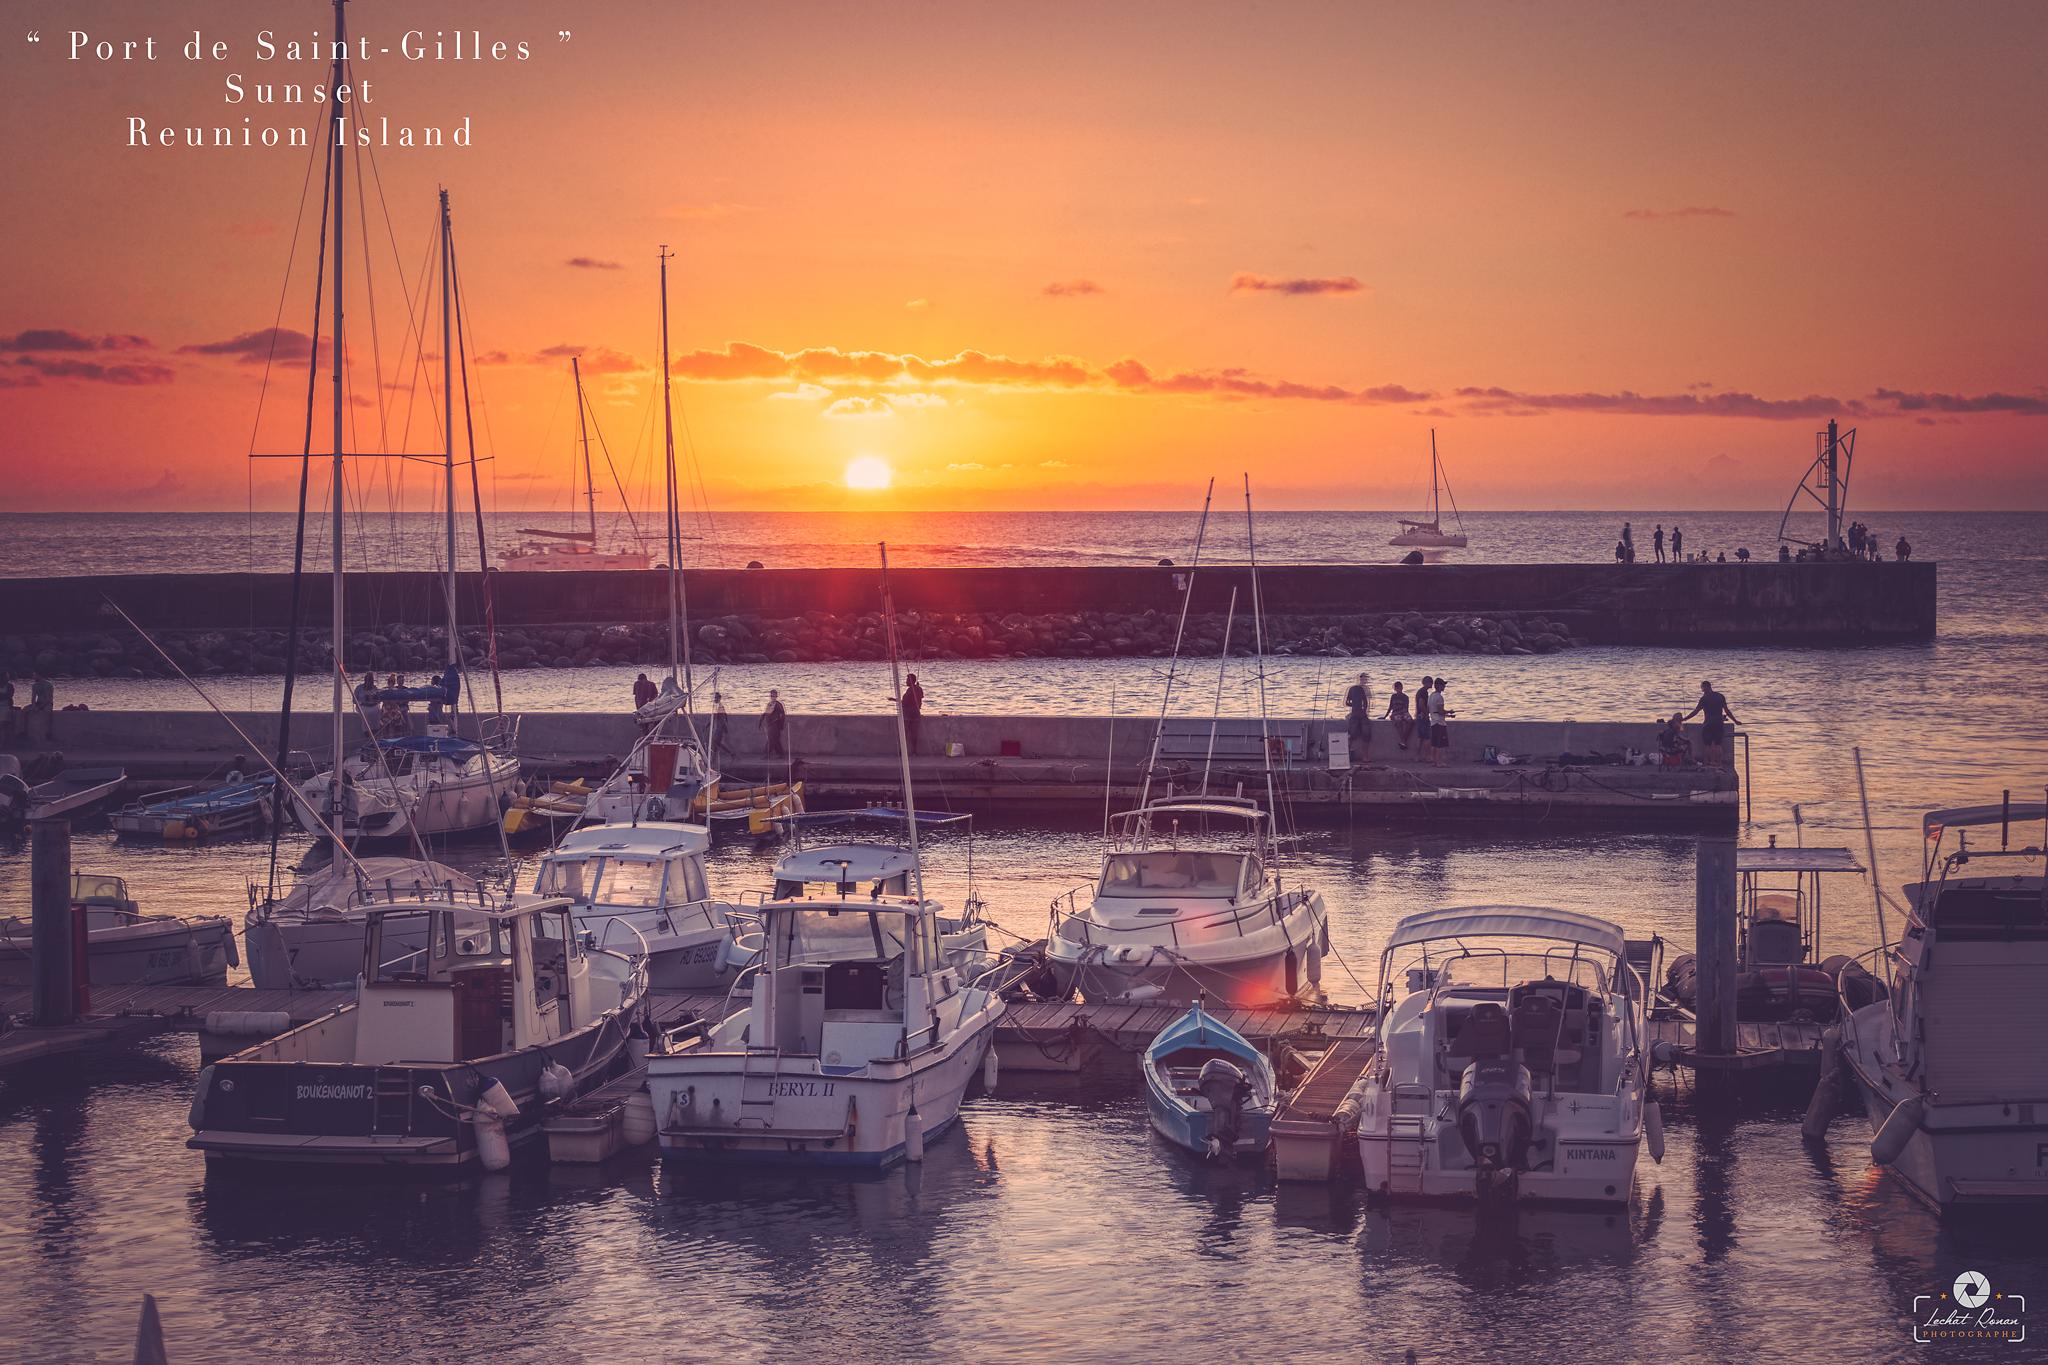 coucher de soleil sunset reunion island